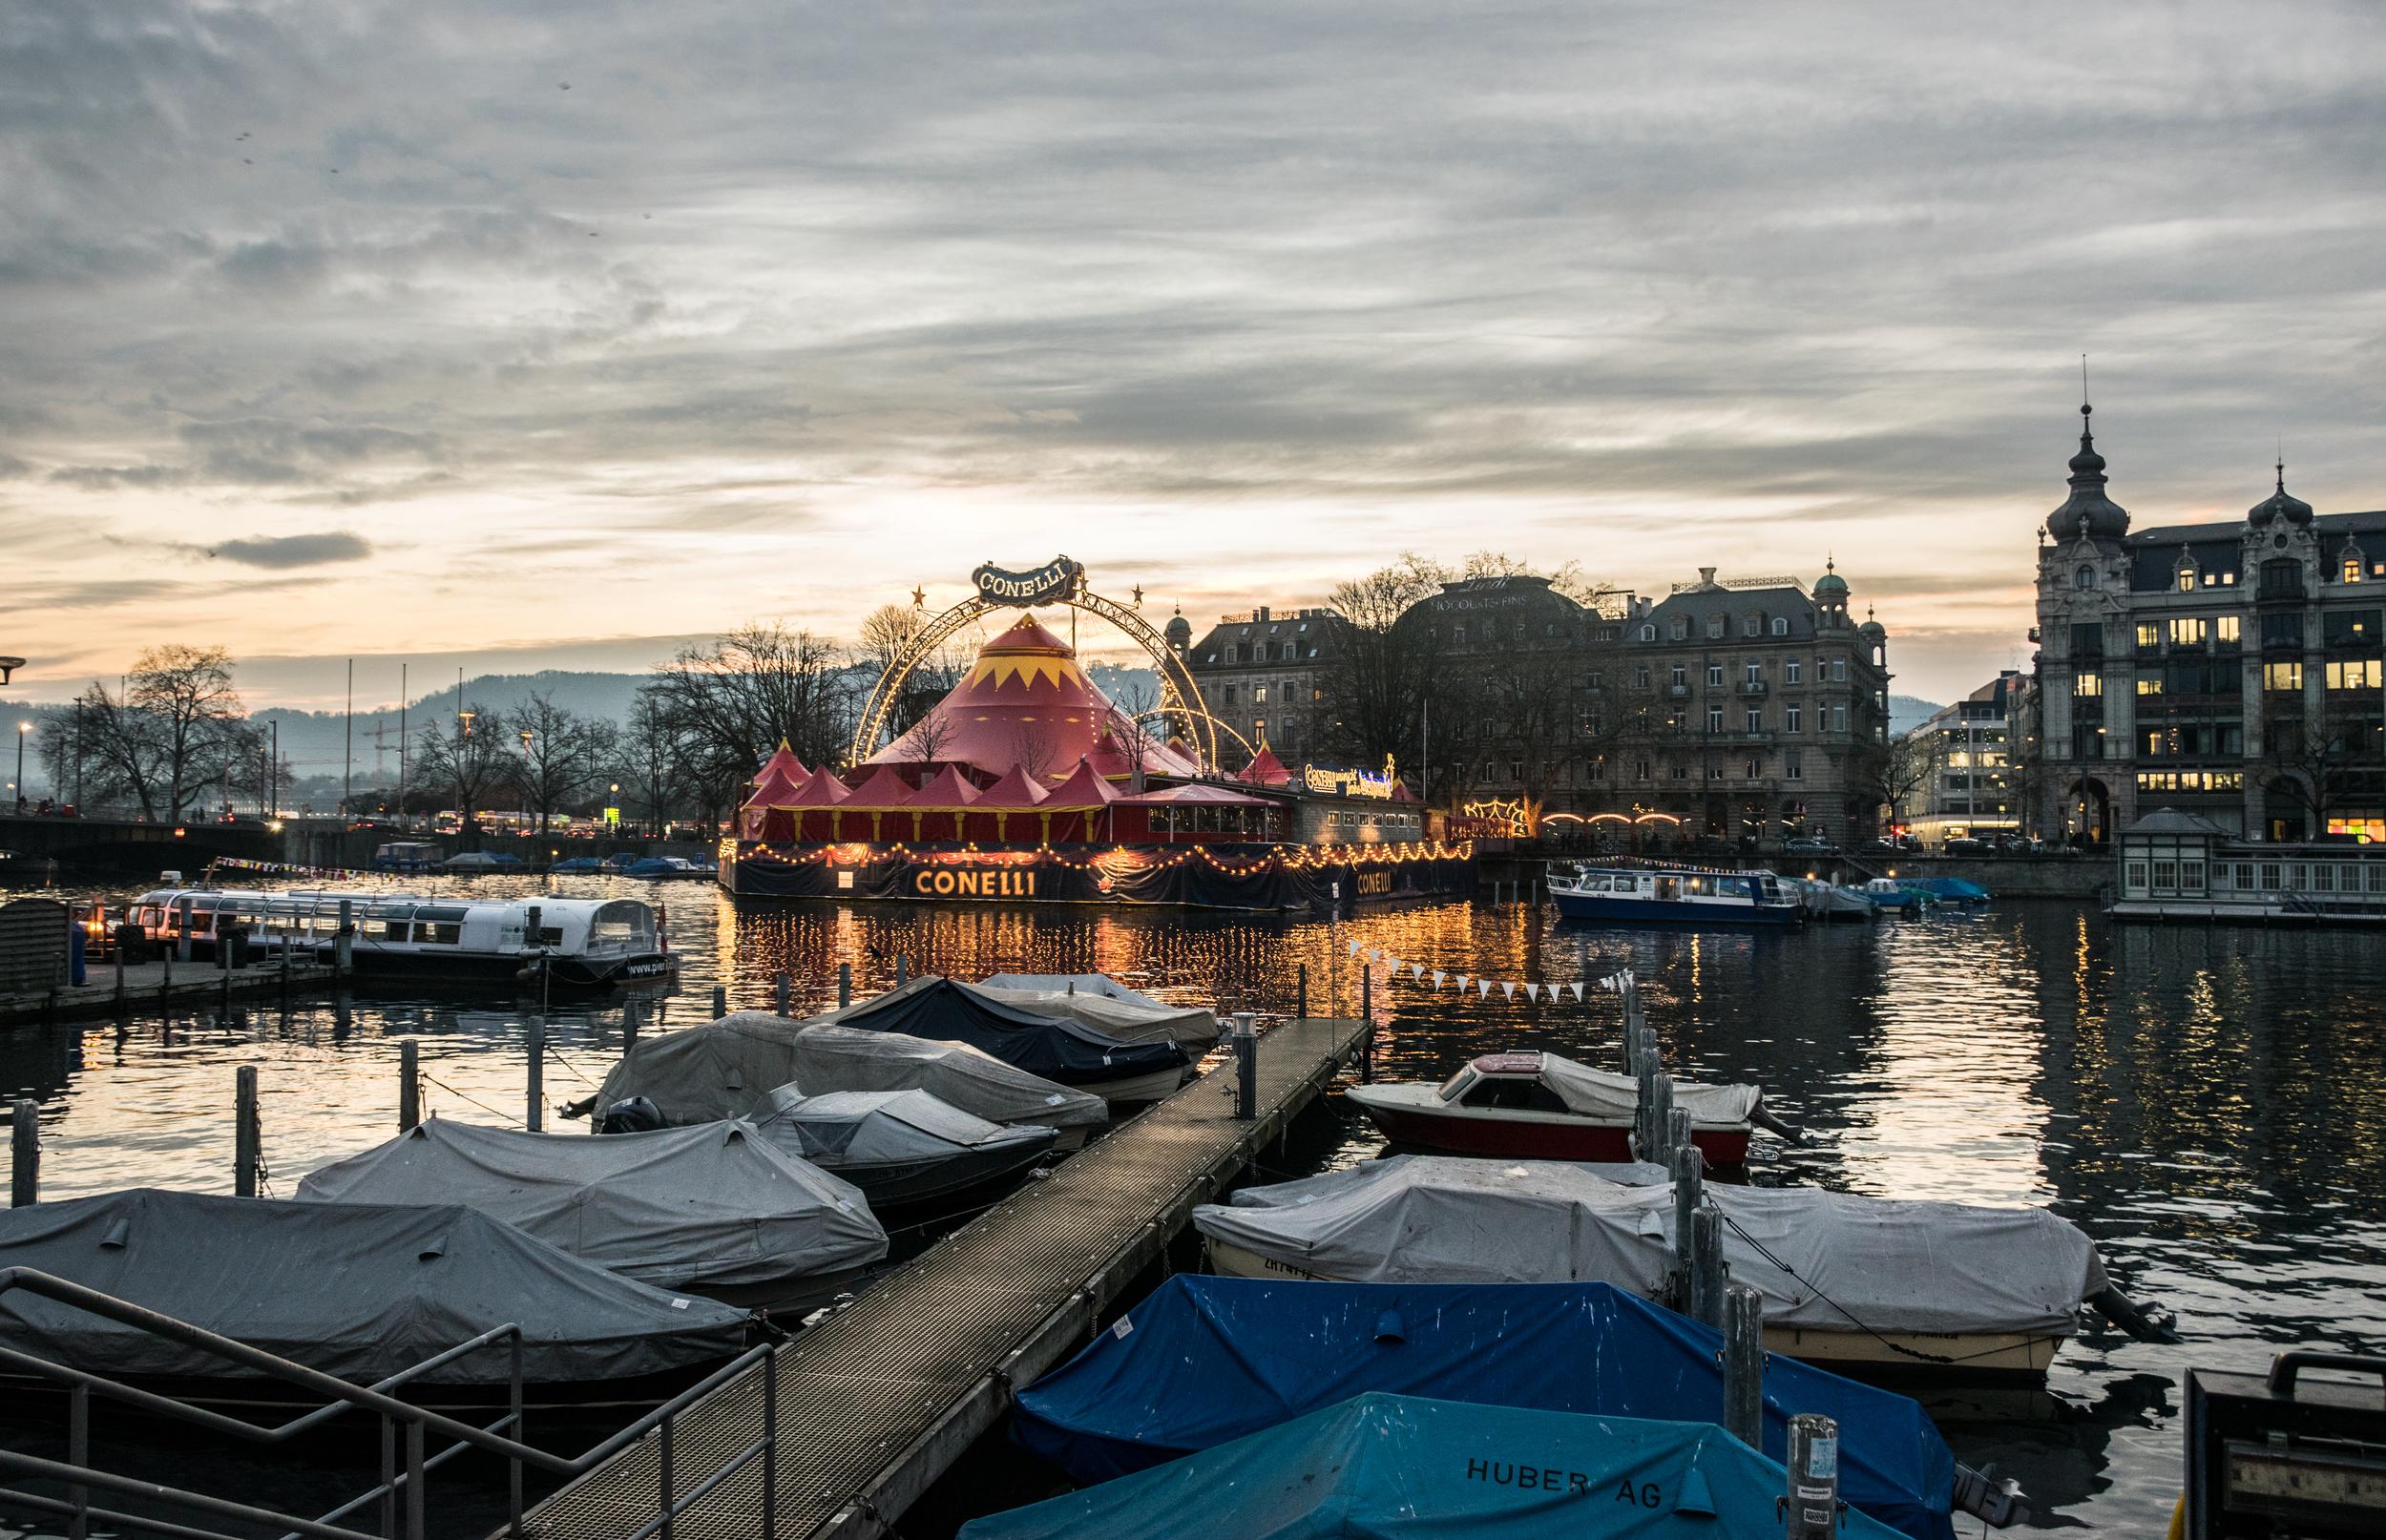 Zurich, Switzerland - New Year's Eve, 2015